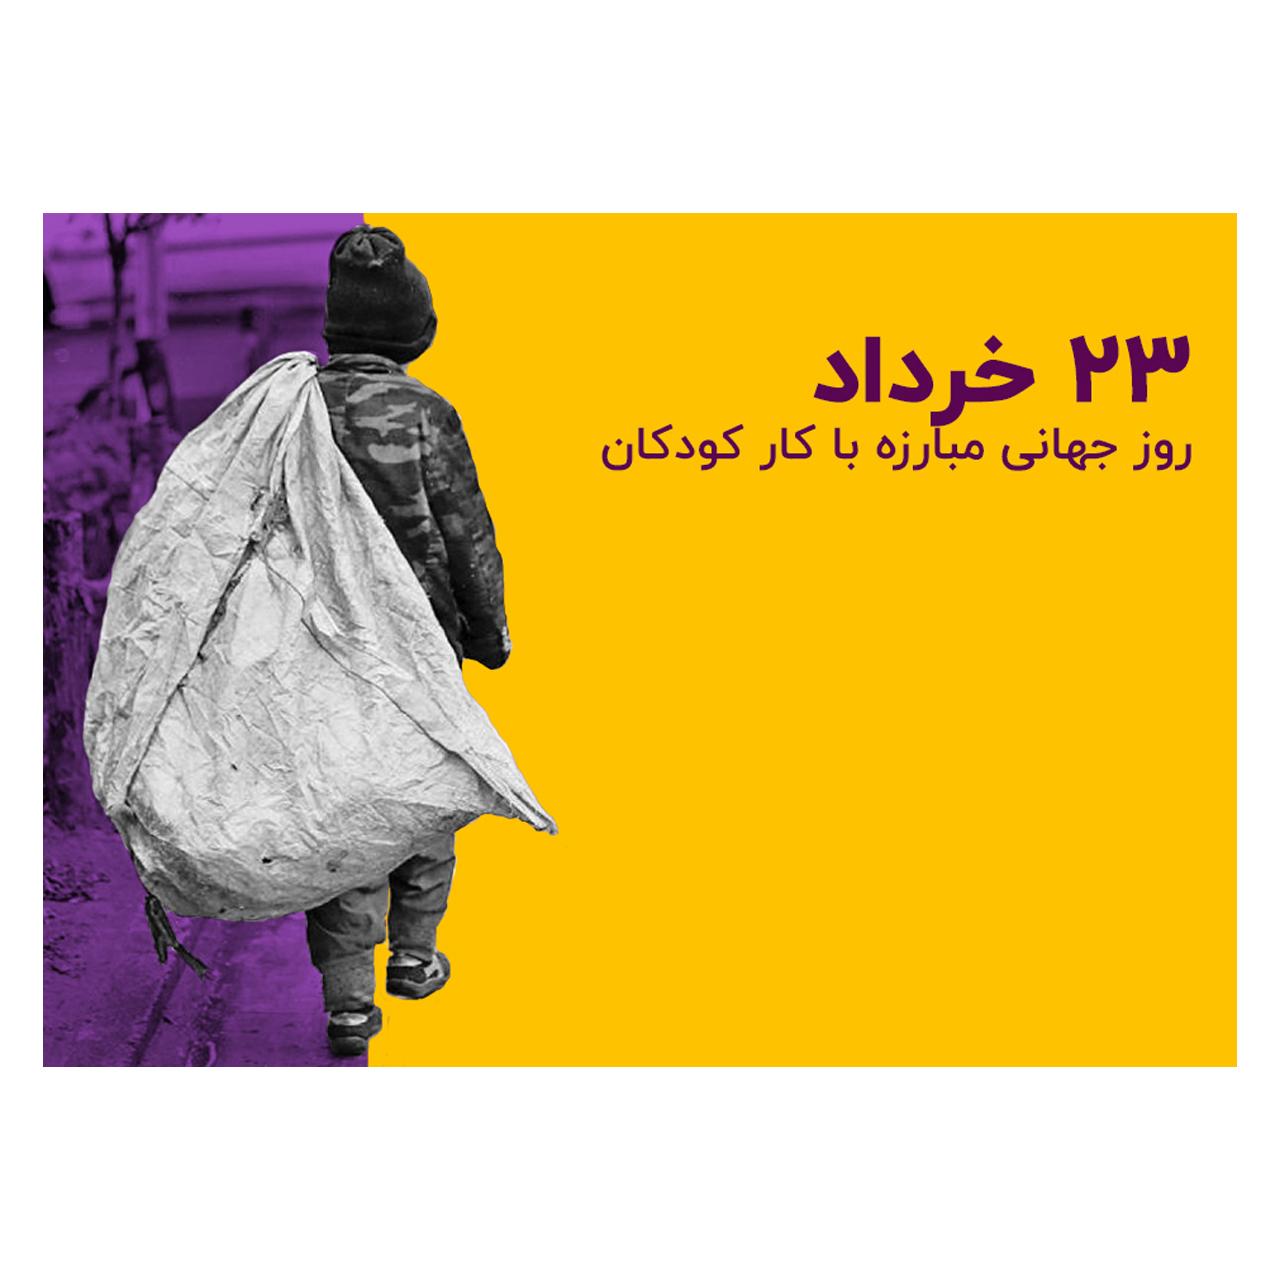 کارت پستال ماهتاب طرح روز مبارزه با کار کودکان کد 2422